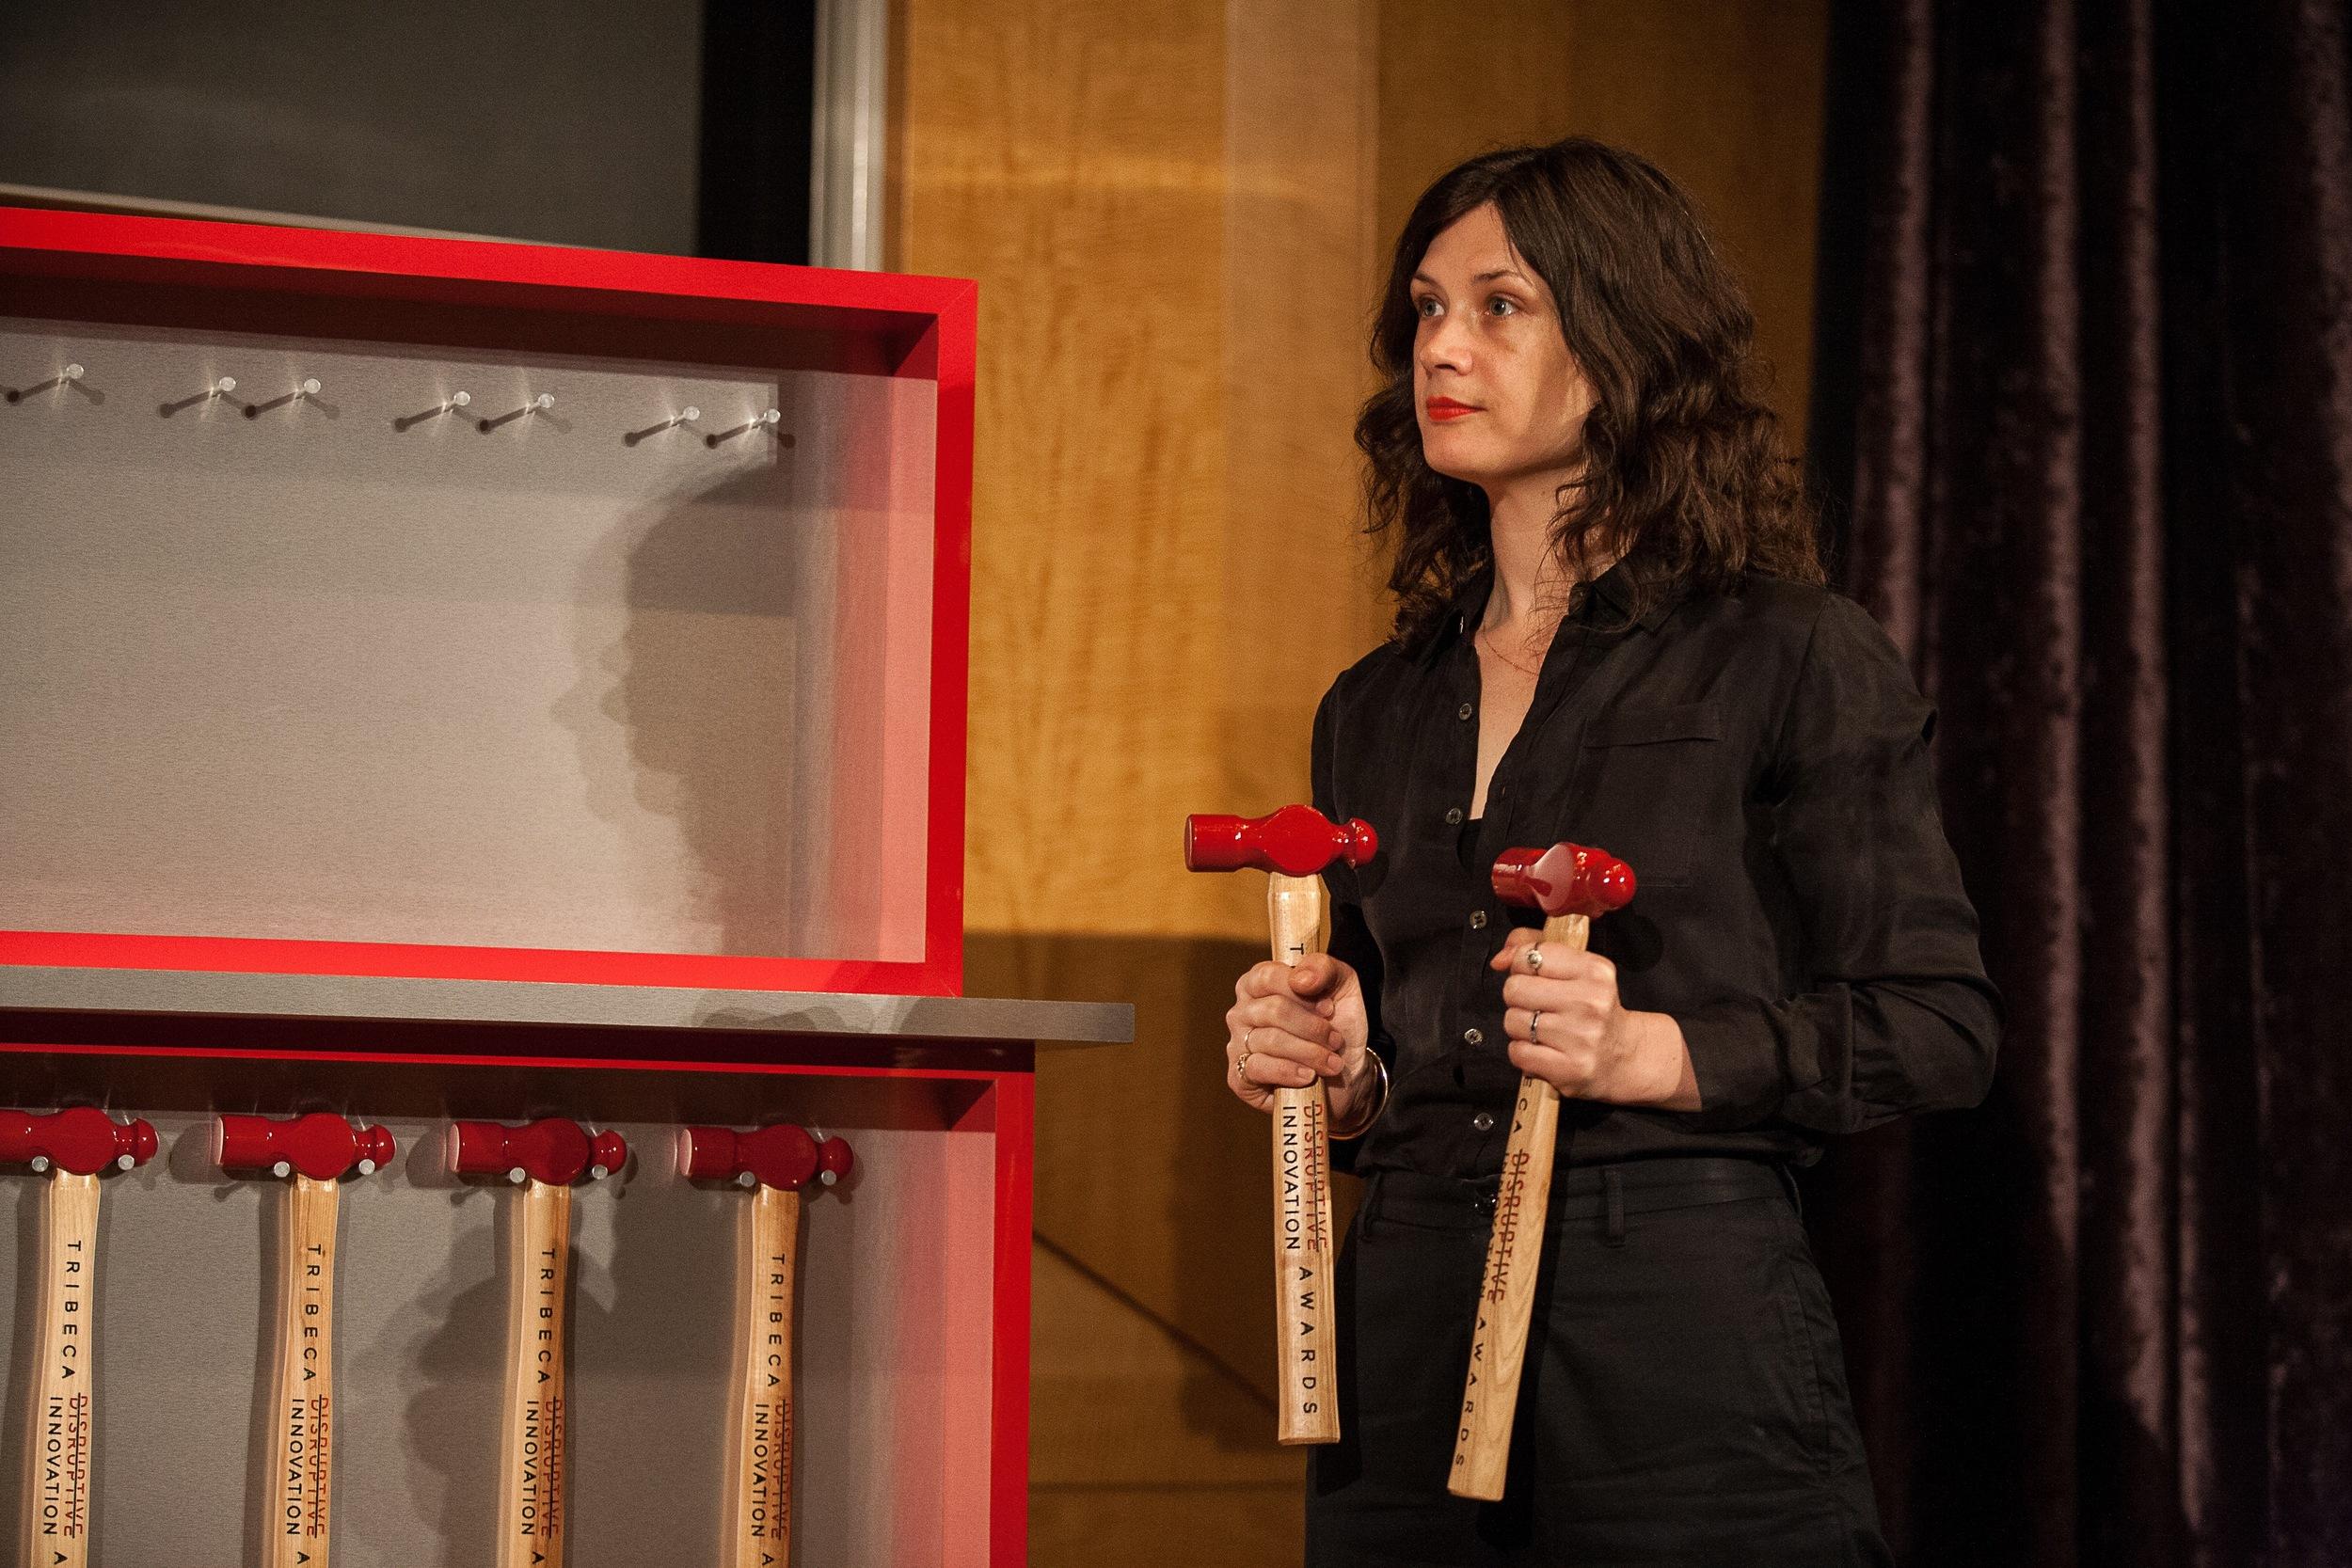 Tribeca Disruptive Innovation Awards 2013 - 144.jpg